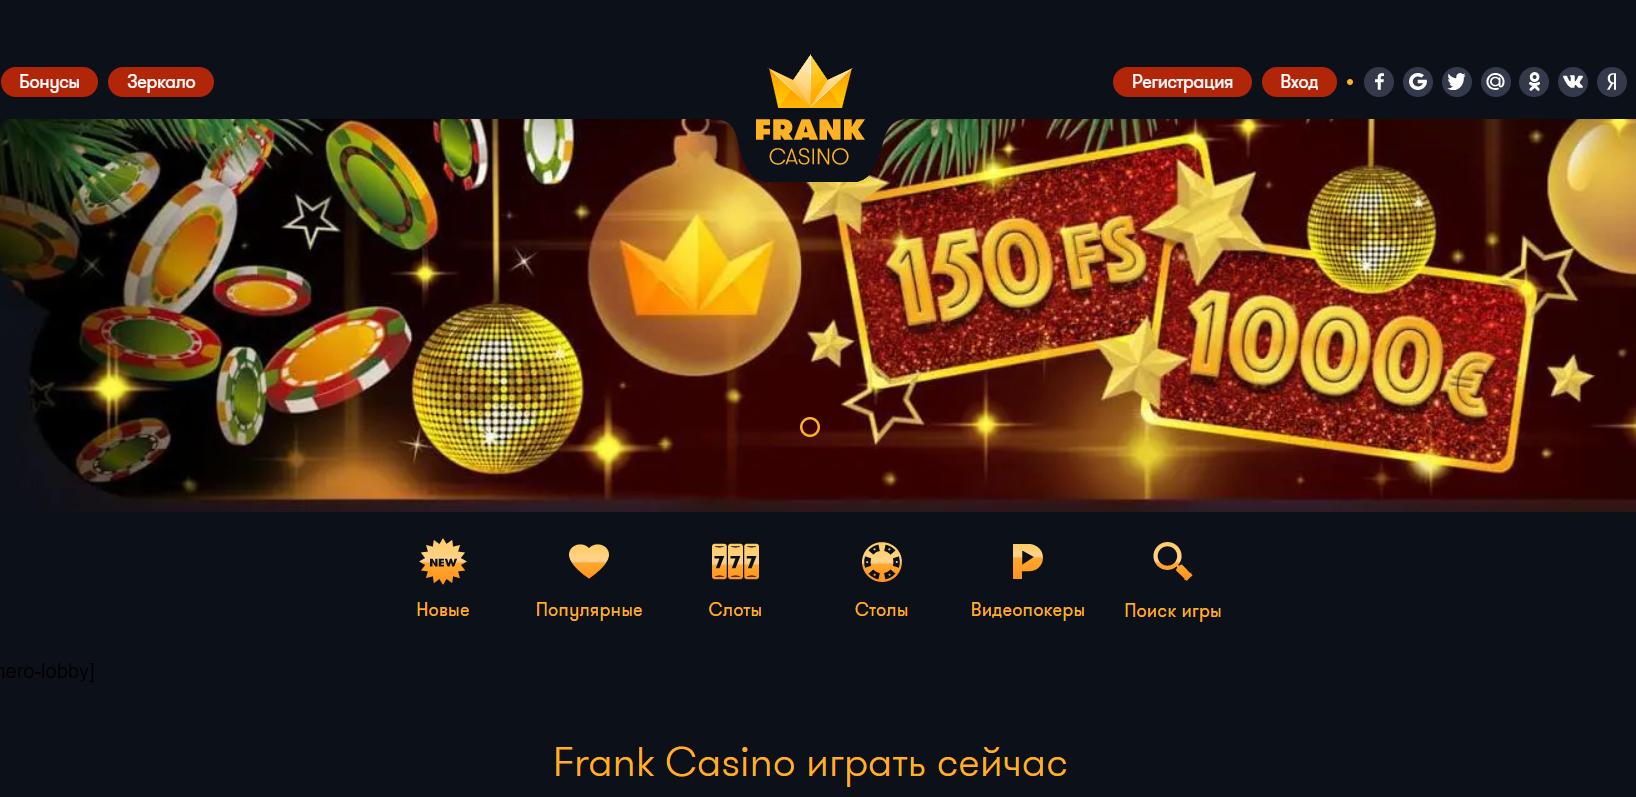 Онлайн казино frank casino игровые автоматы вулкан casino vulcan com